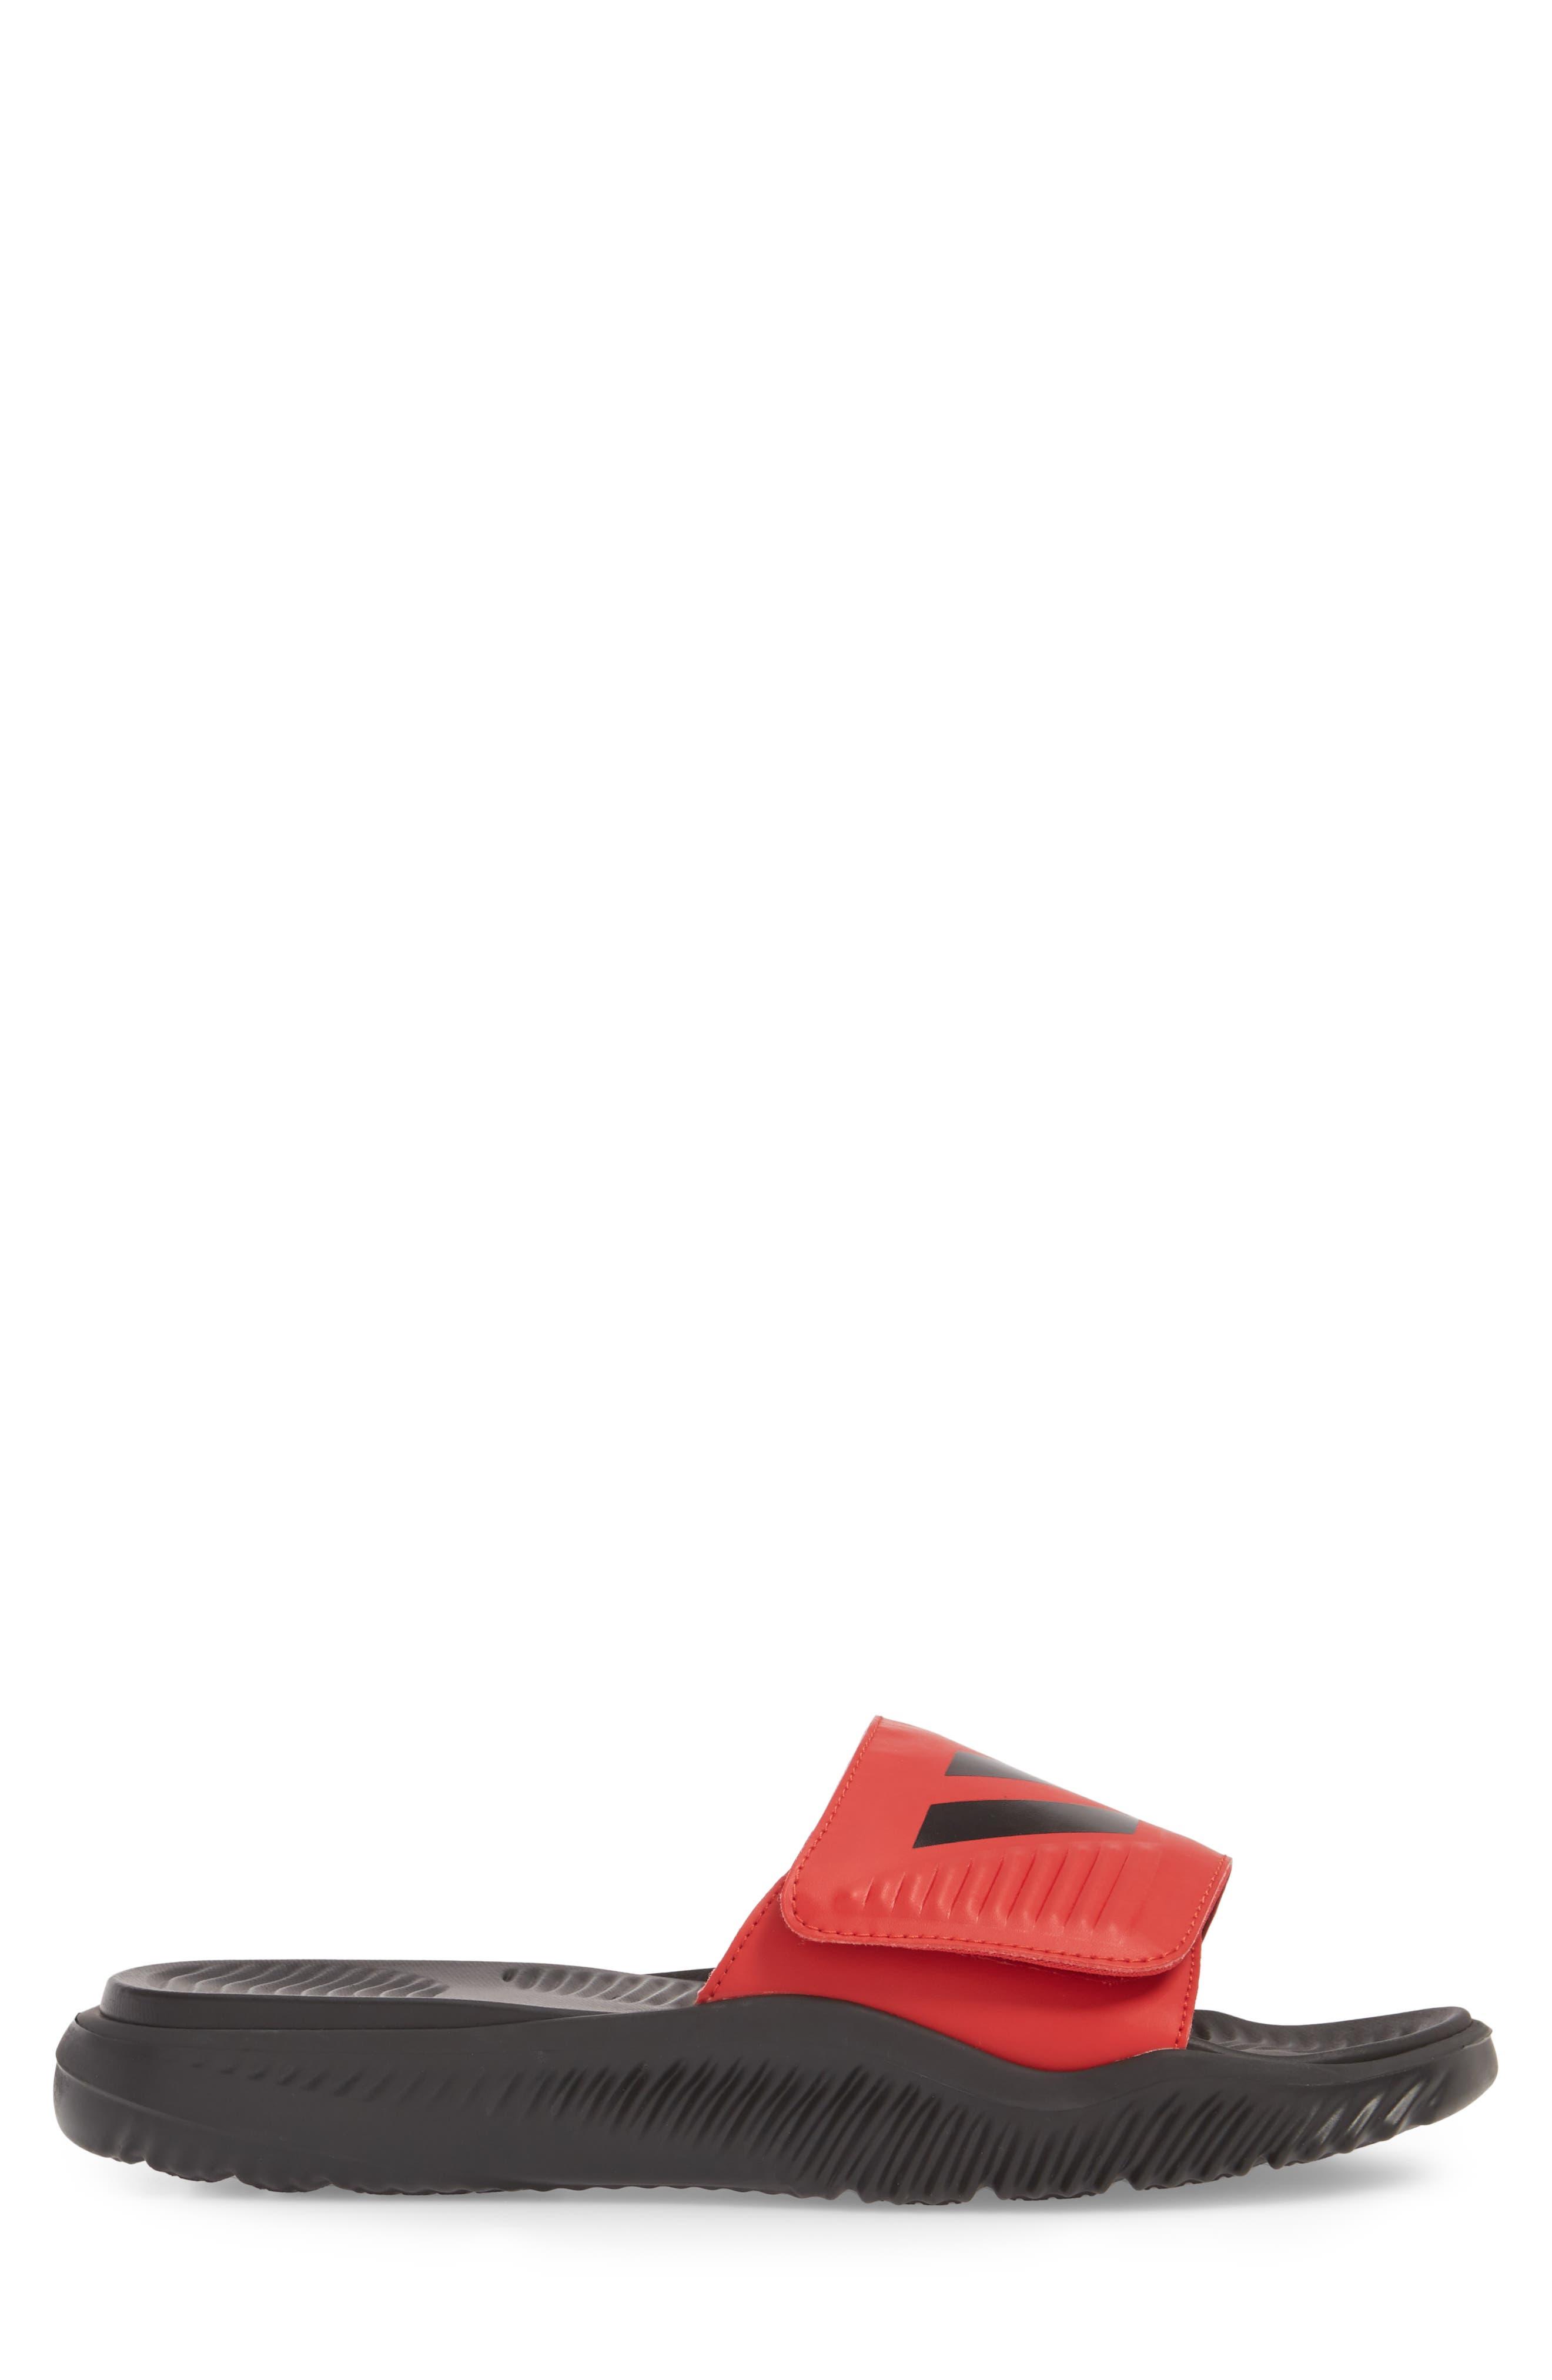 AlphaBounce Slide Sandal,                             Alternate thumbnail 3, color,                             SCARLET/ BLACK